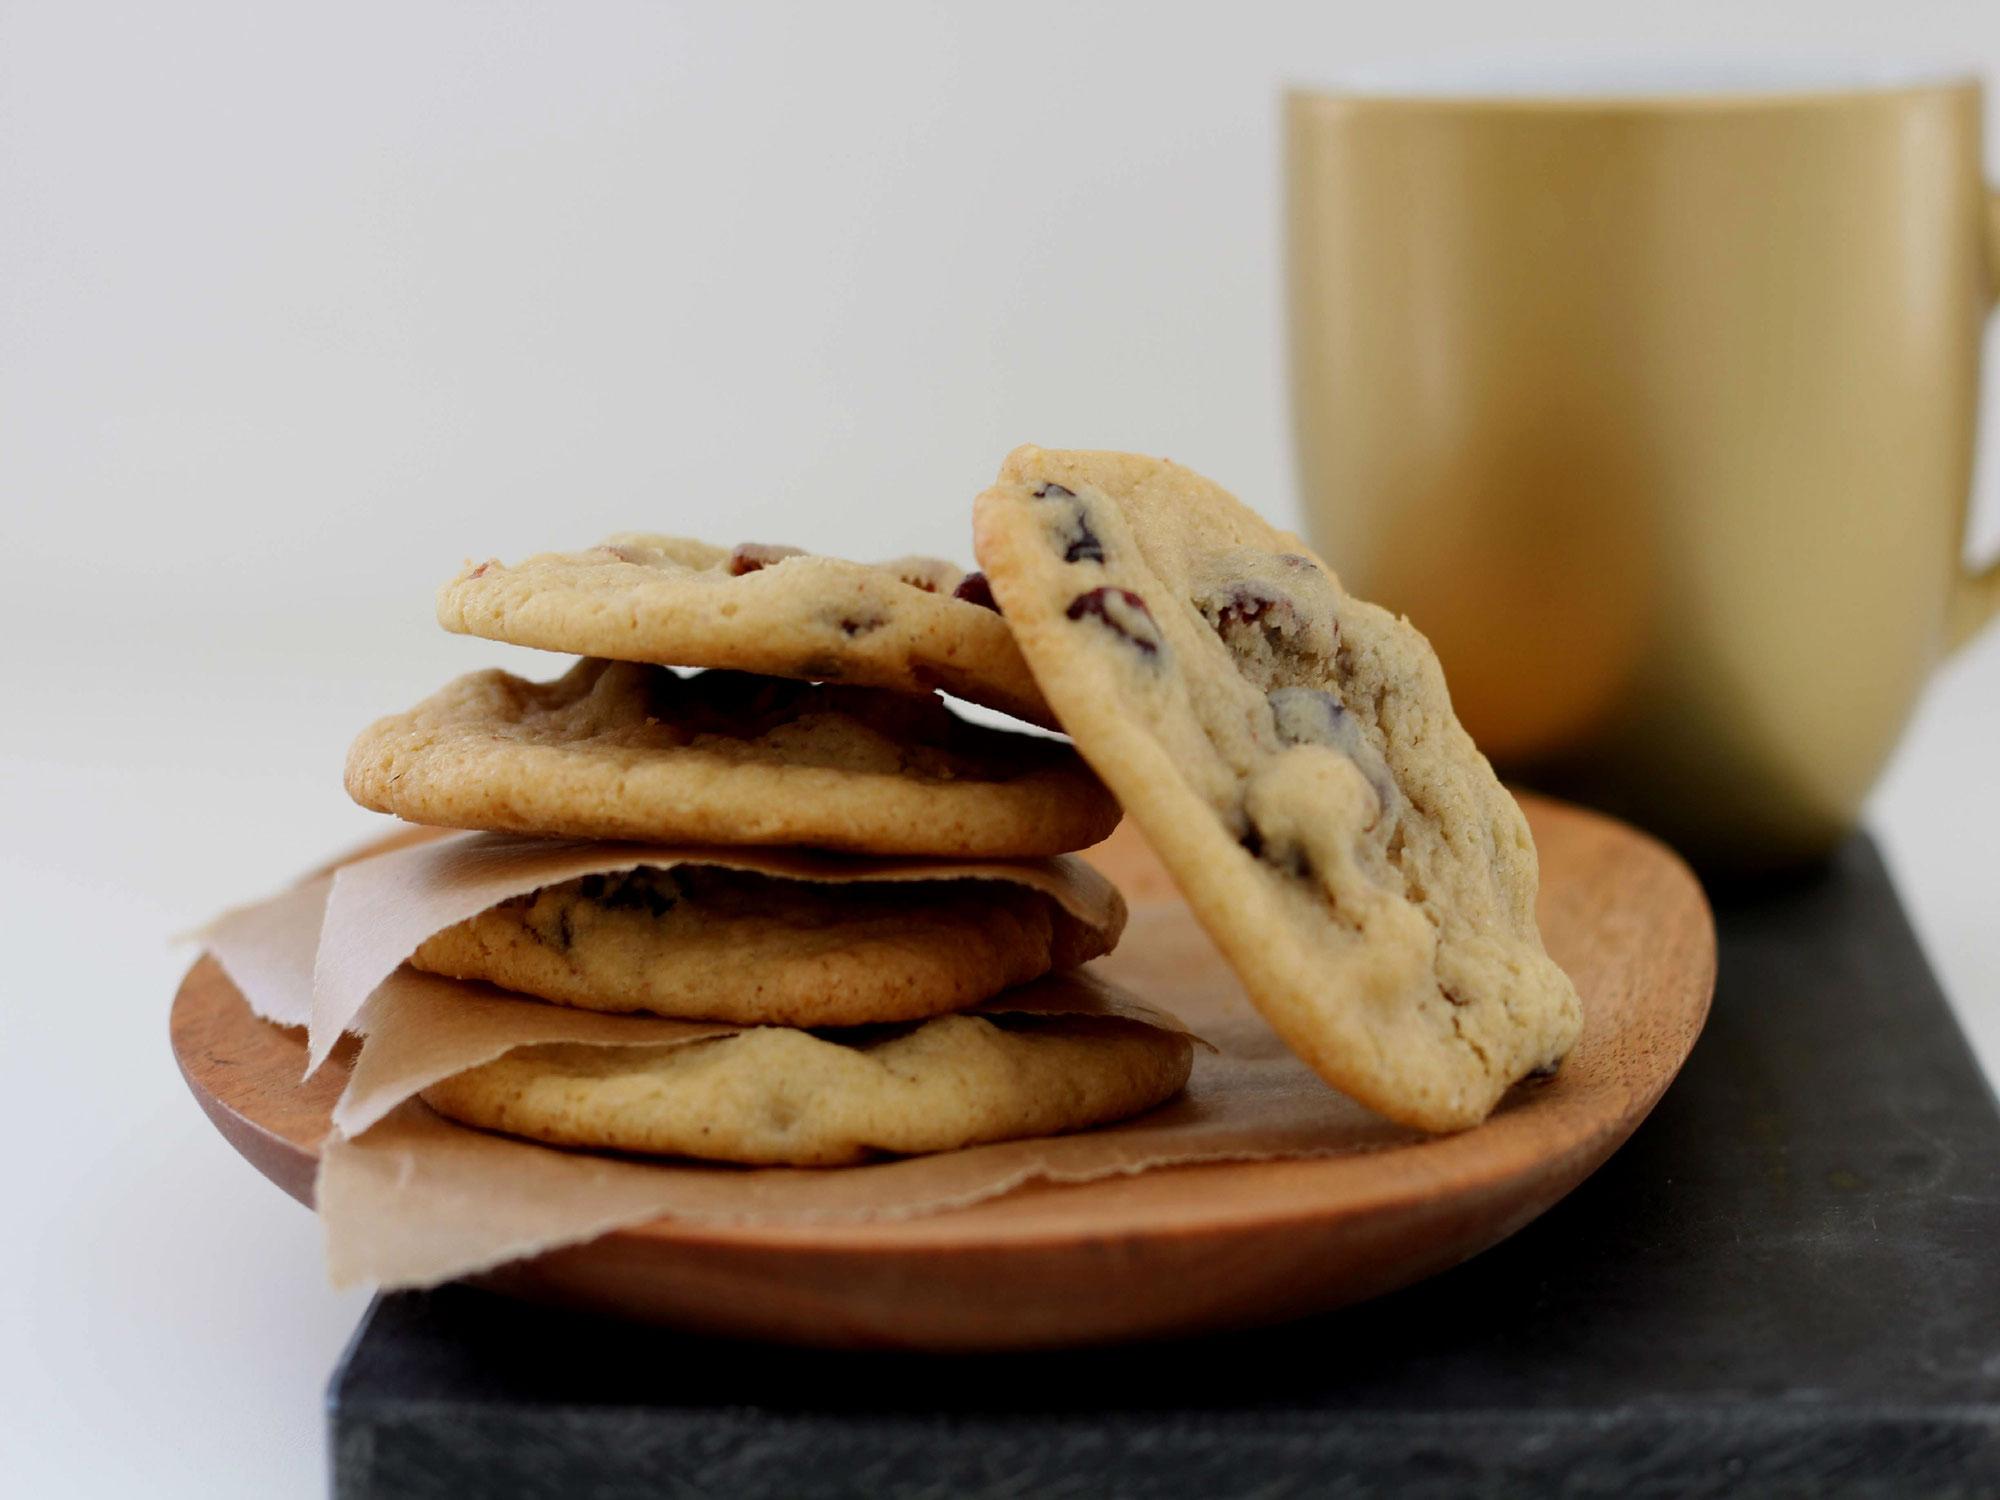 23. Türchen Christmas Cookies